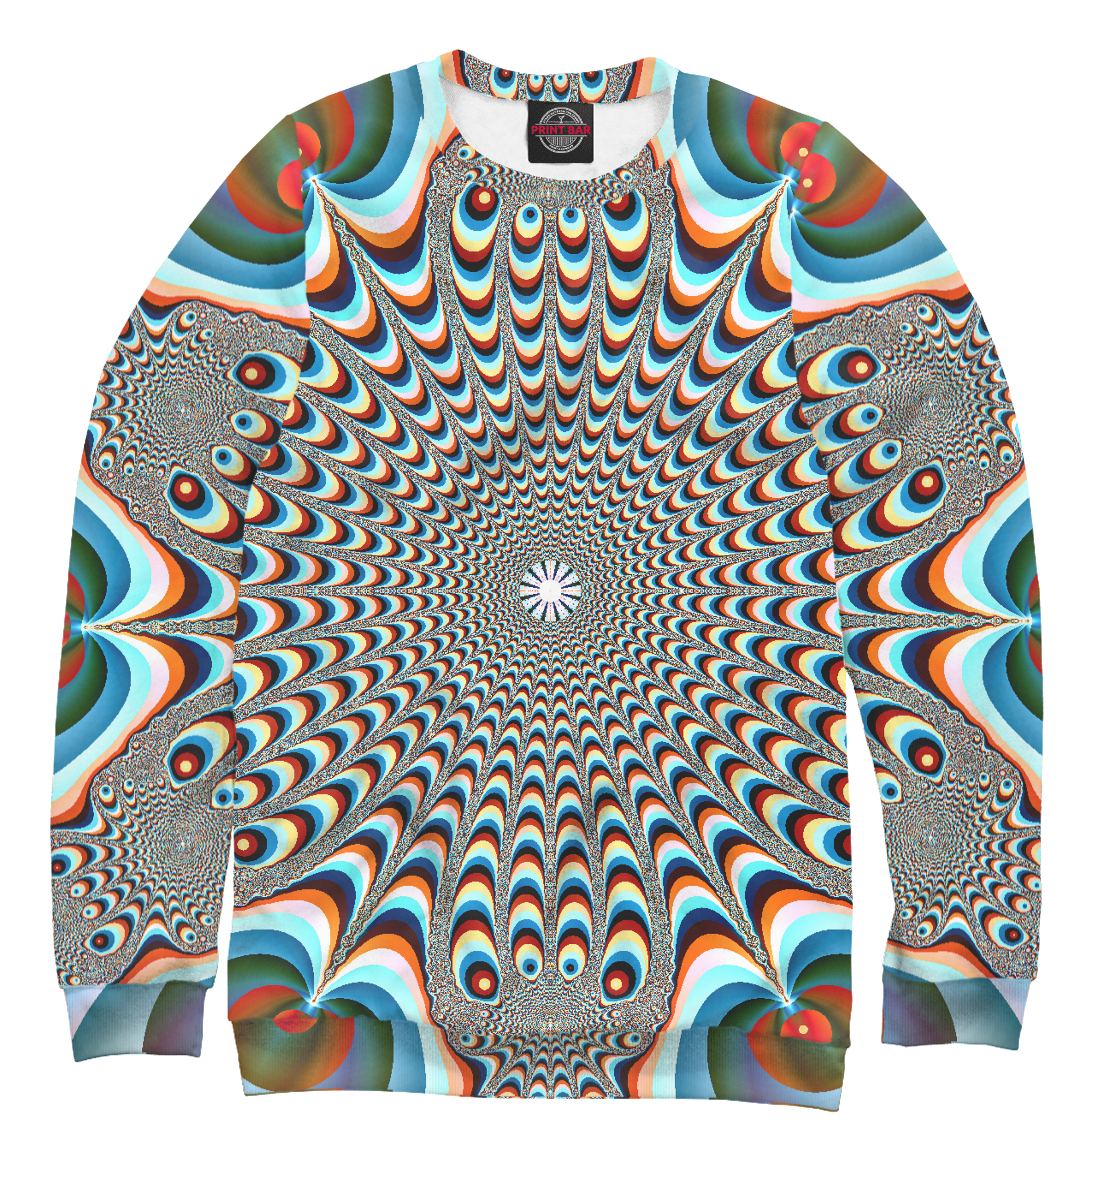 Купить Оптическая иллюзия, Printbar, Свитшоты, PSY-326674-swi-2